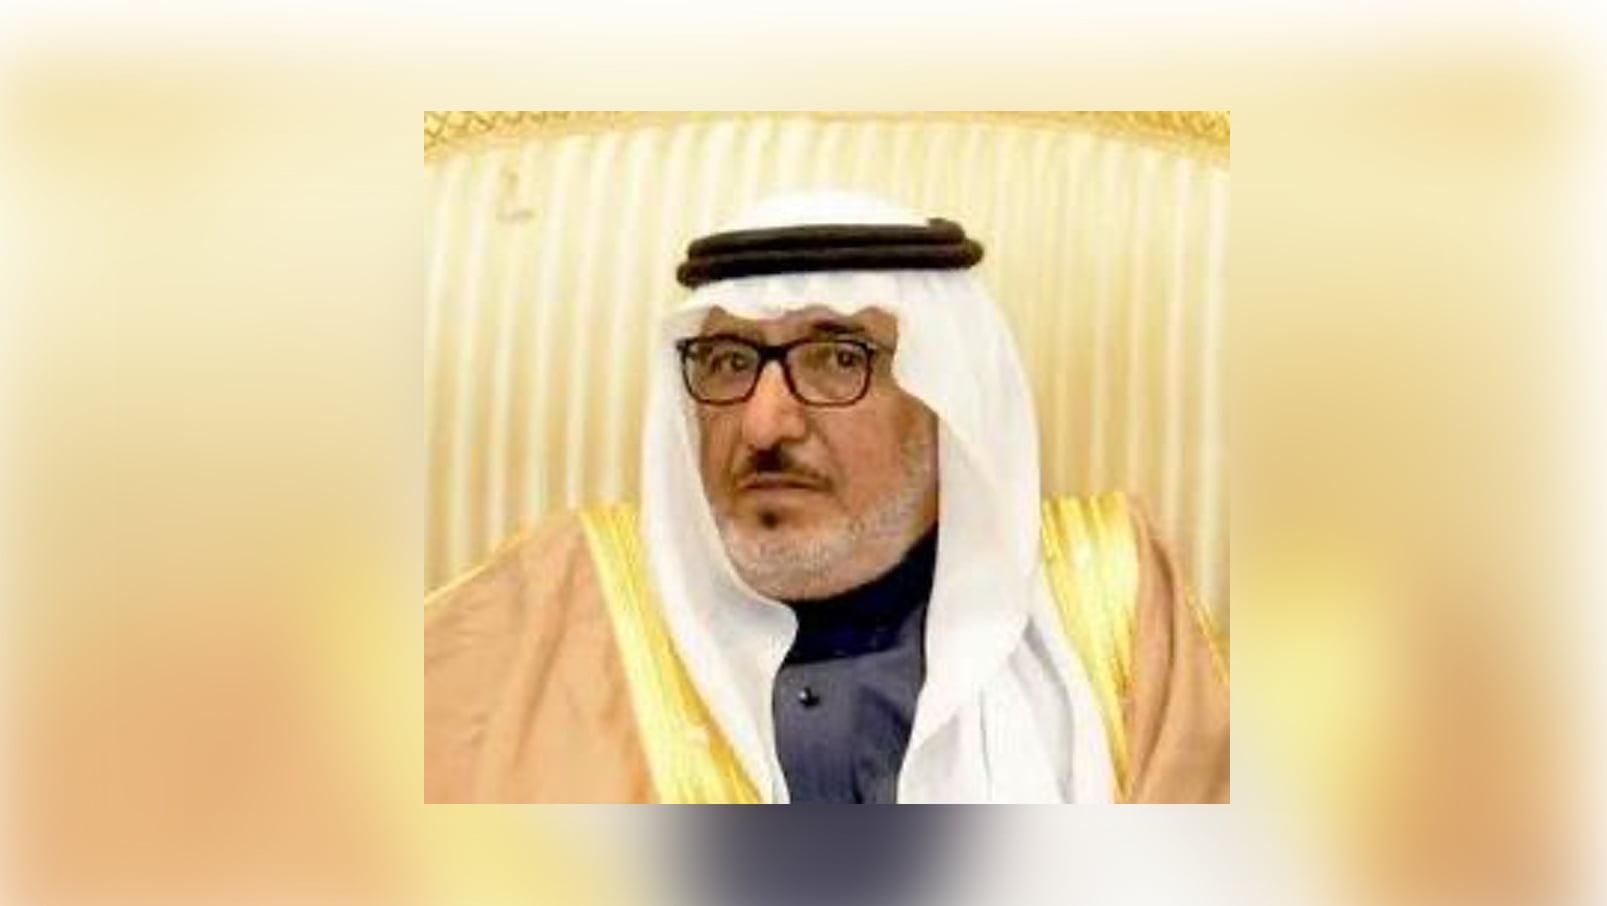 ضيف المدونة اليوم : الأستاذ : دخيل الله الغامدي – مدونة عثمان بن أحمد  الشمراني